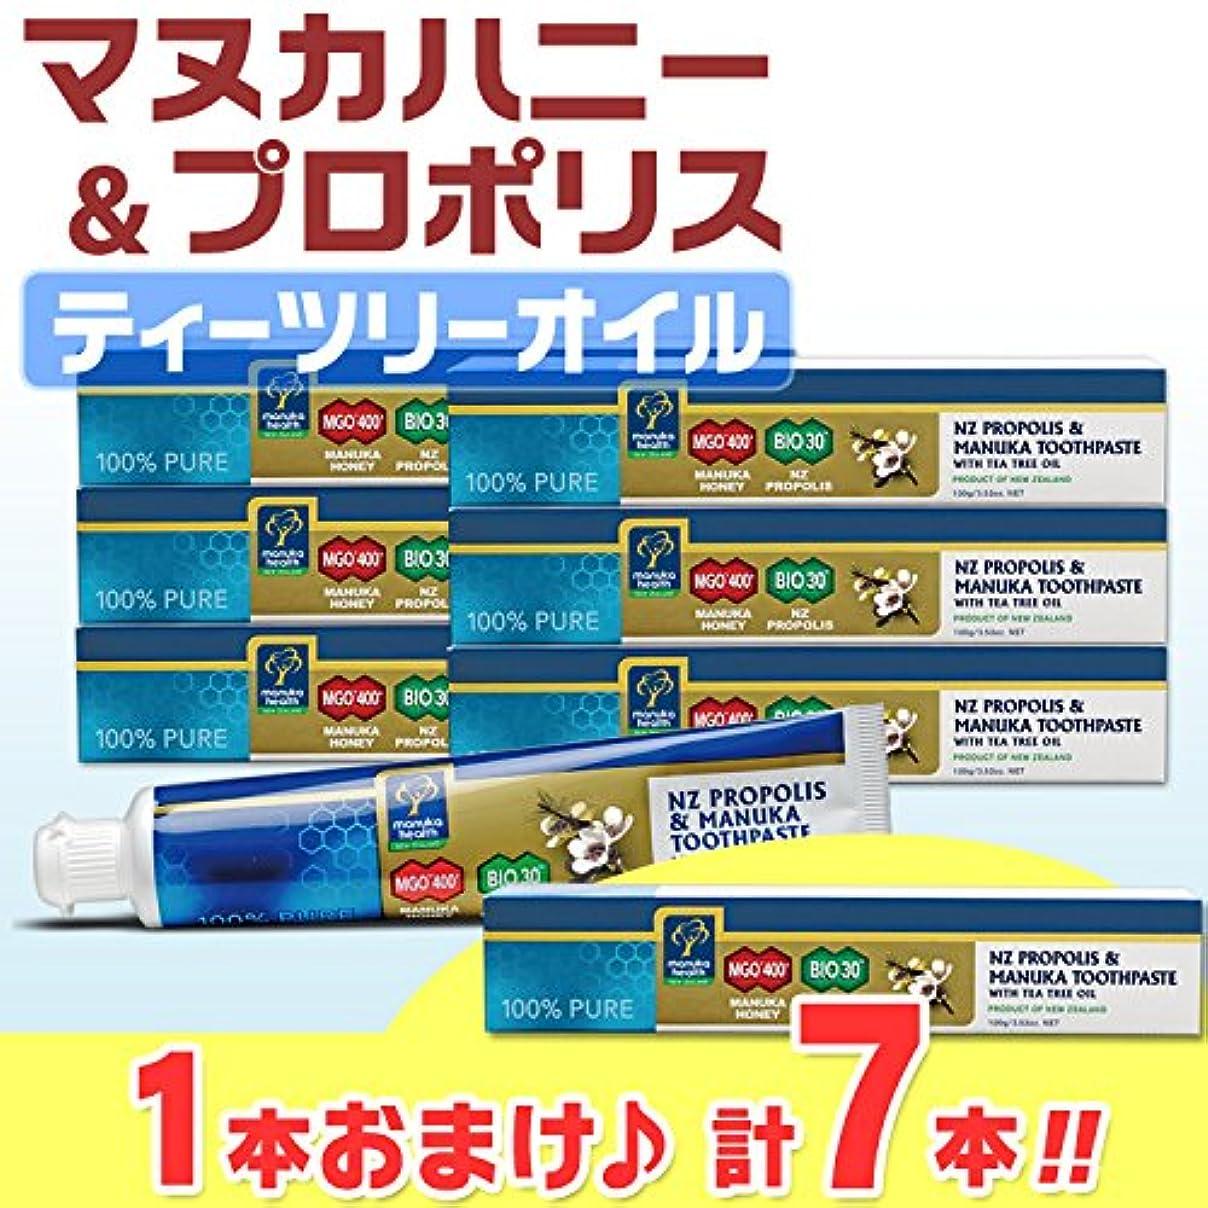 明日分散みプロポリス&マヌカハニー MGO400+ ティーツリーオイル 歯磨き粉 [100g]◆6本+1本増量 計7本セット◆青